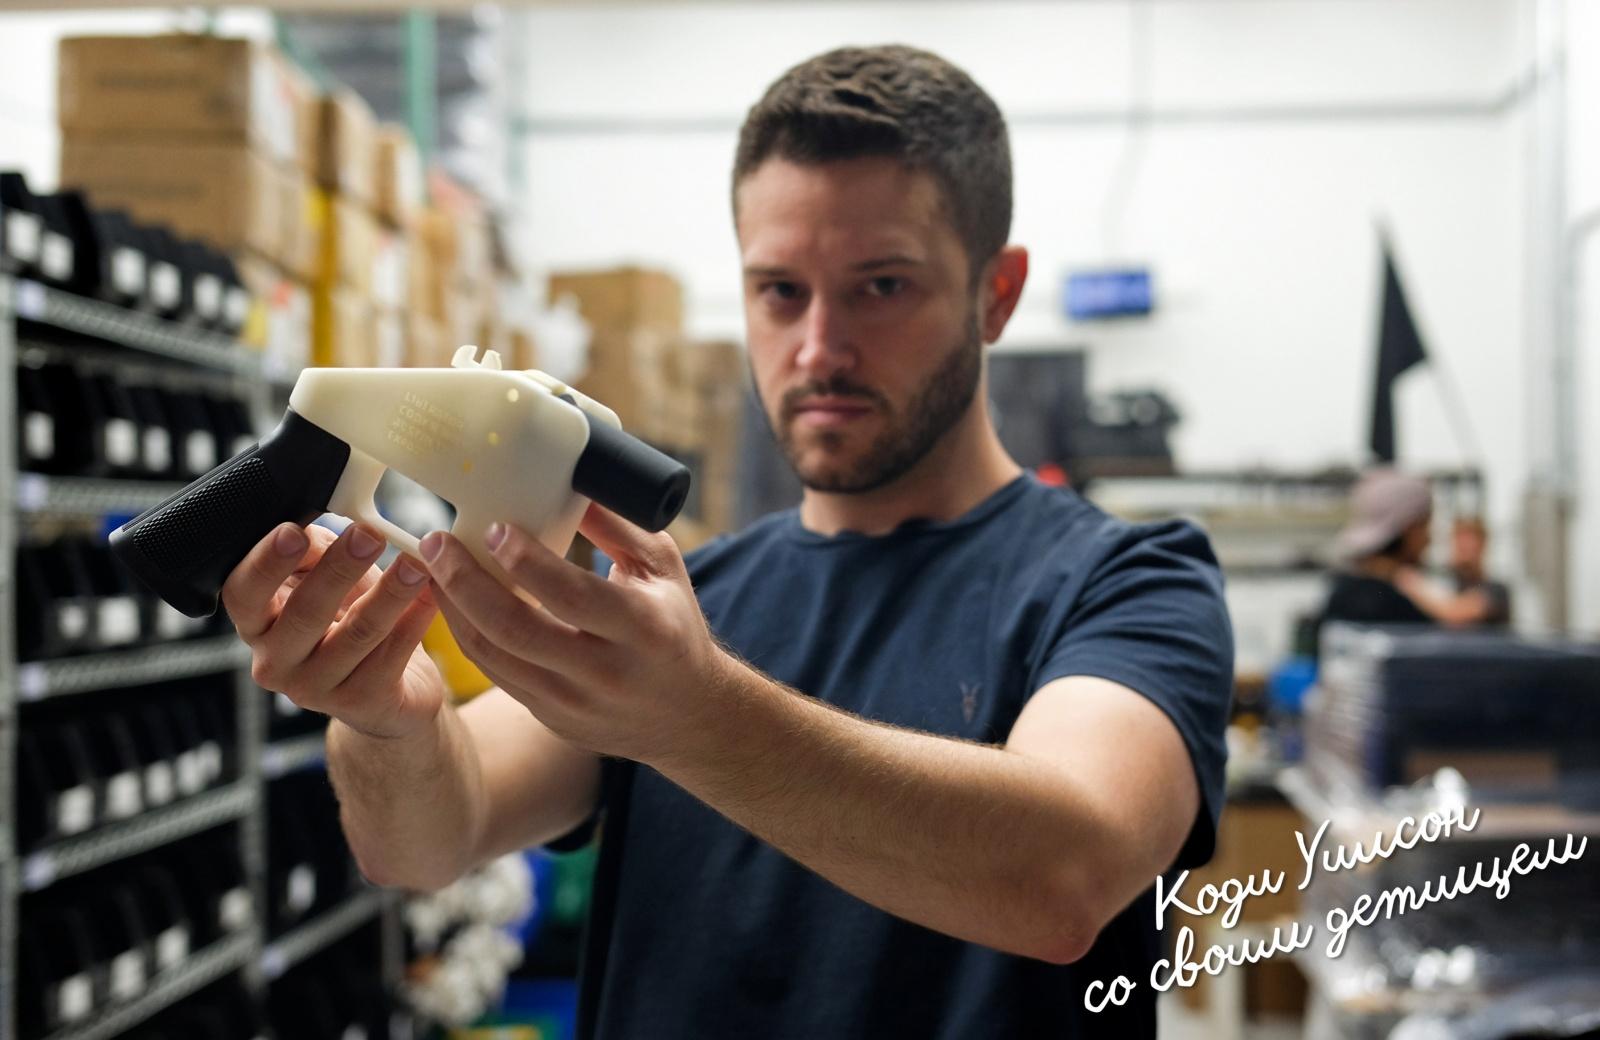 Огнестрельный DIY: история и перспективы 3D-печатного оружия - 2